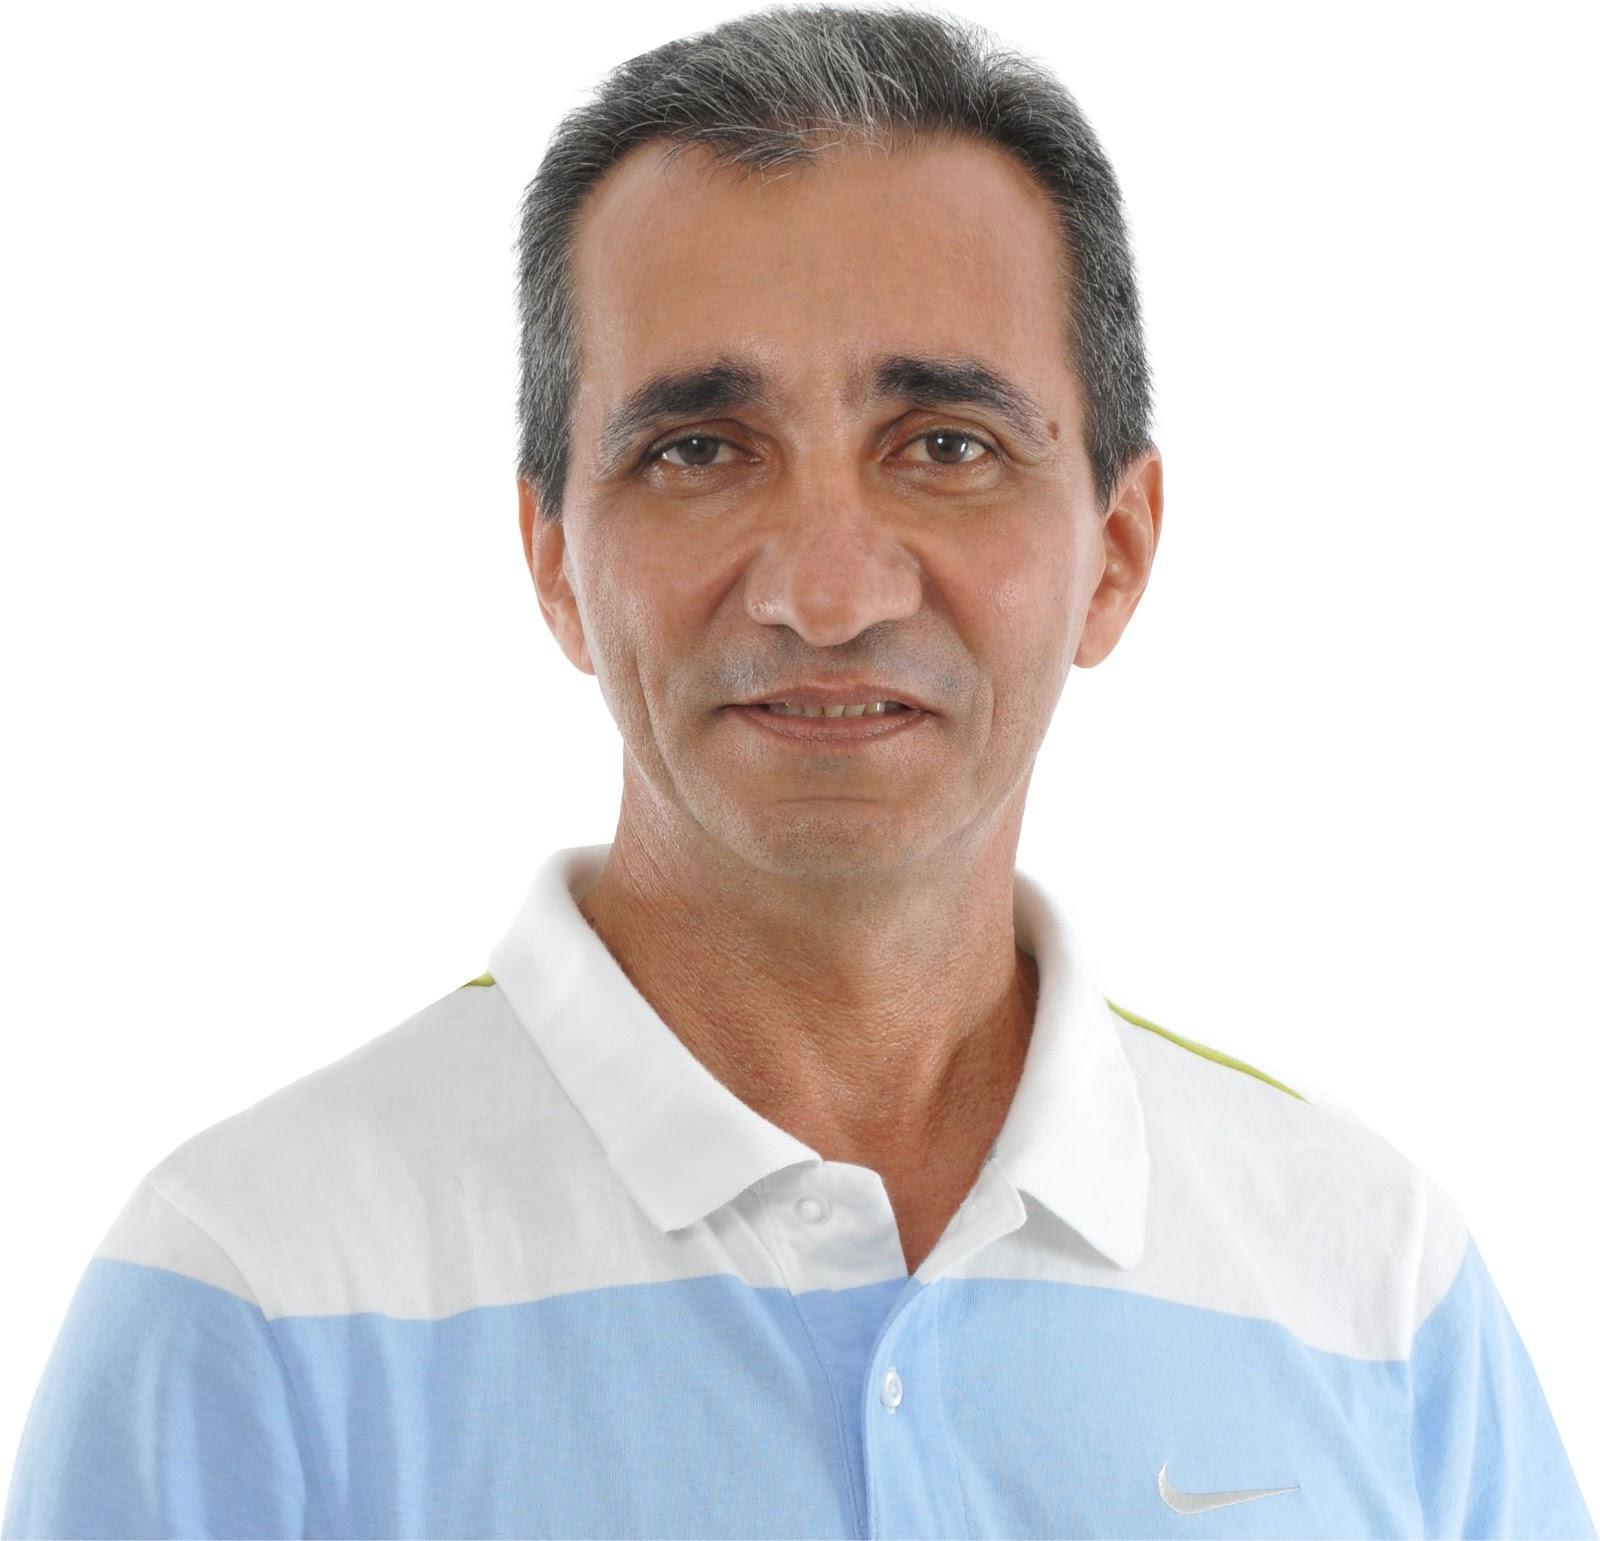 O corajoso prefeito de Igarapé do Meio.